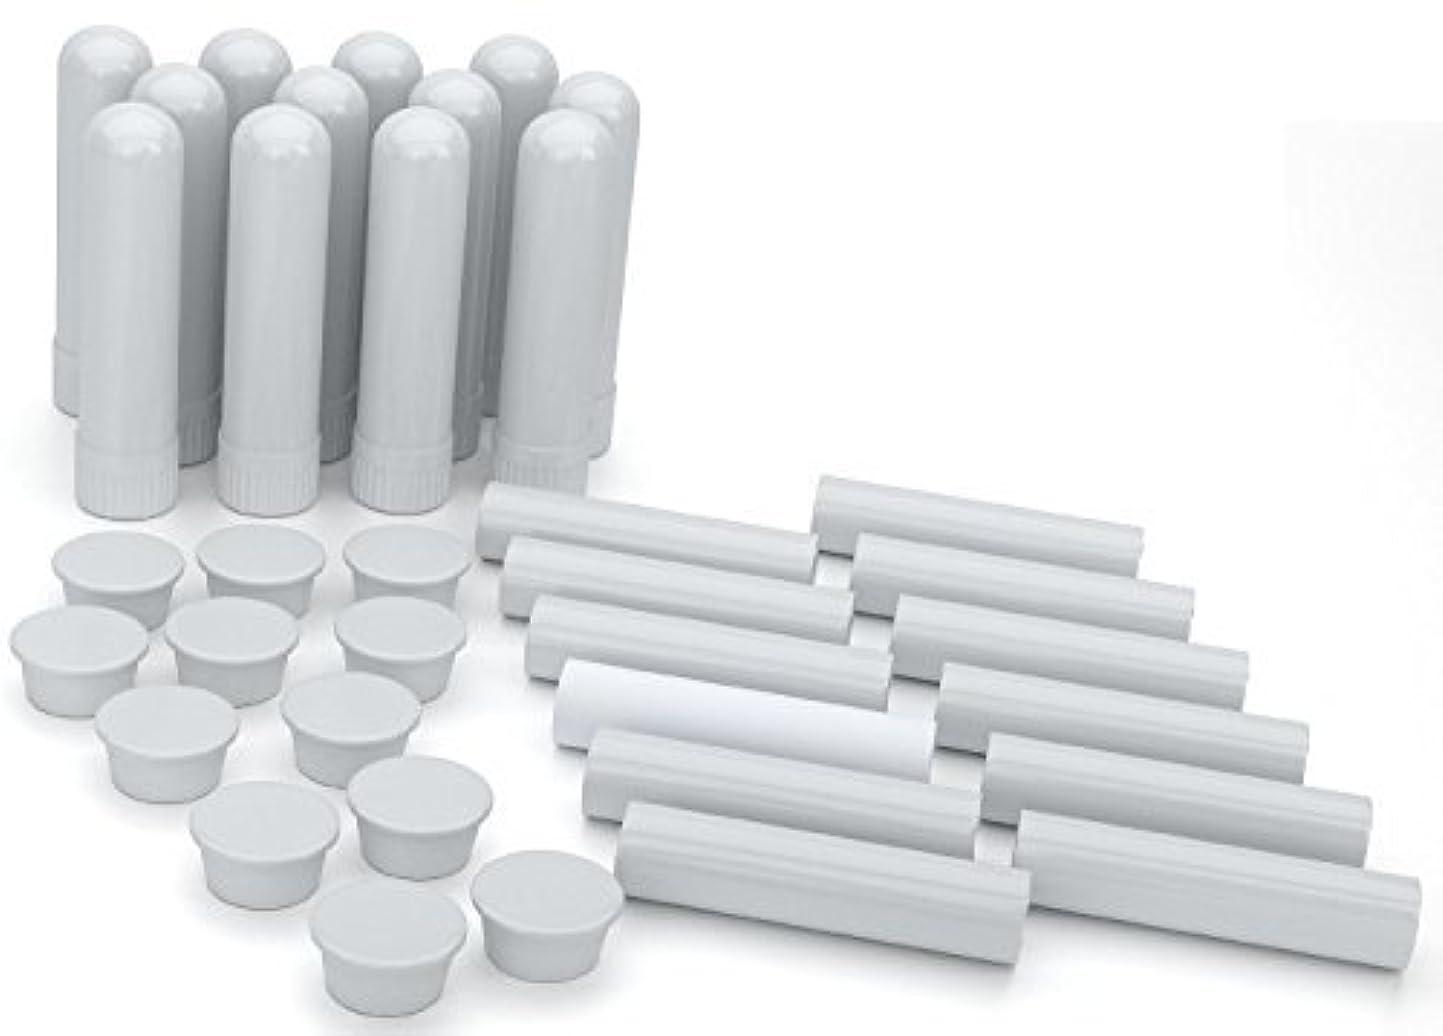 失礼追跡着替えるEssential Oil Aromatherapy Blank Nasal Inhaler Tubes (12 Complete Sticks), Empty White Vapor Inhalers w/Wicks...